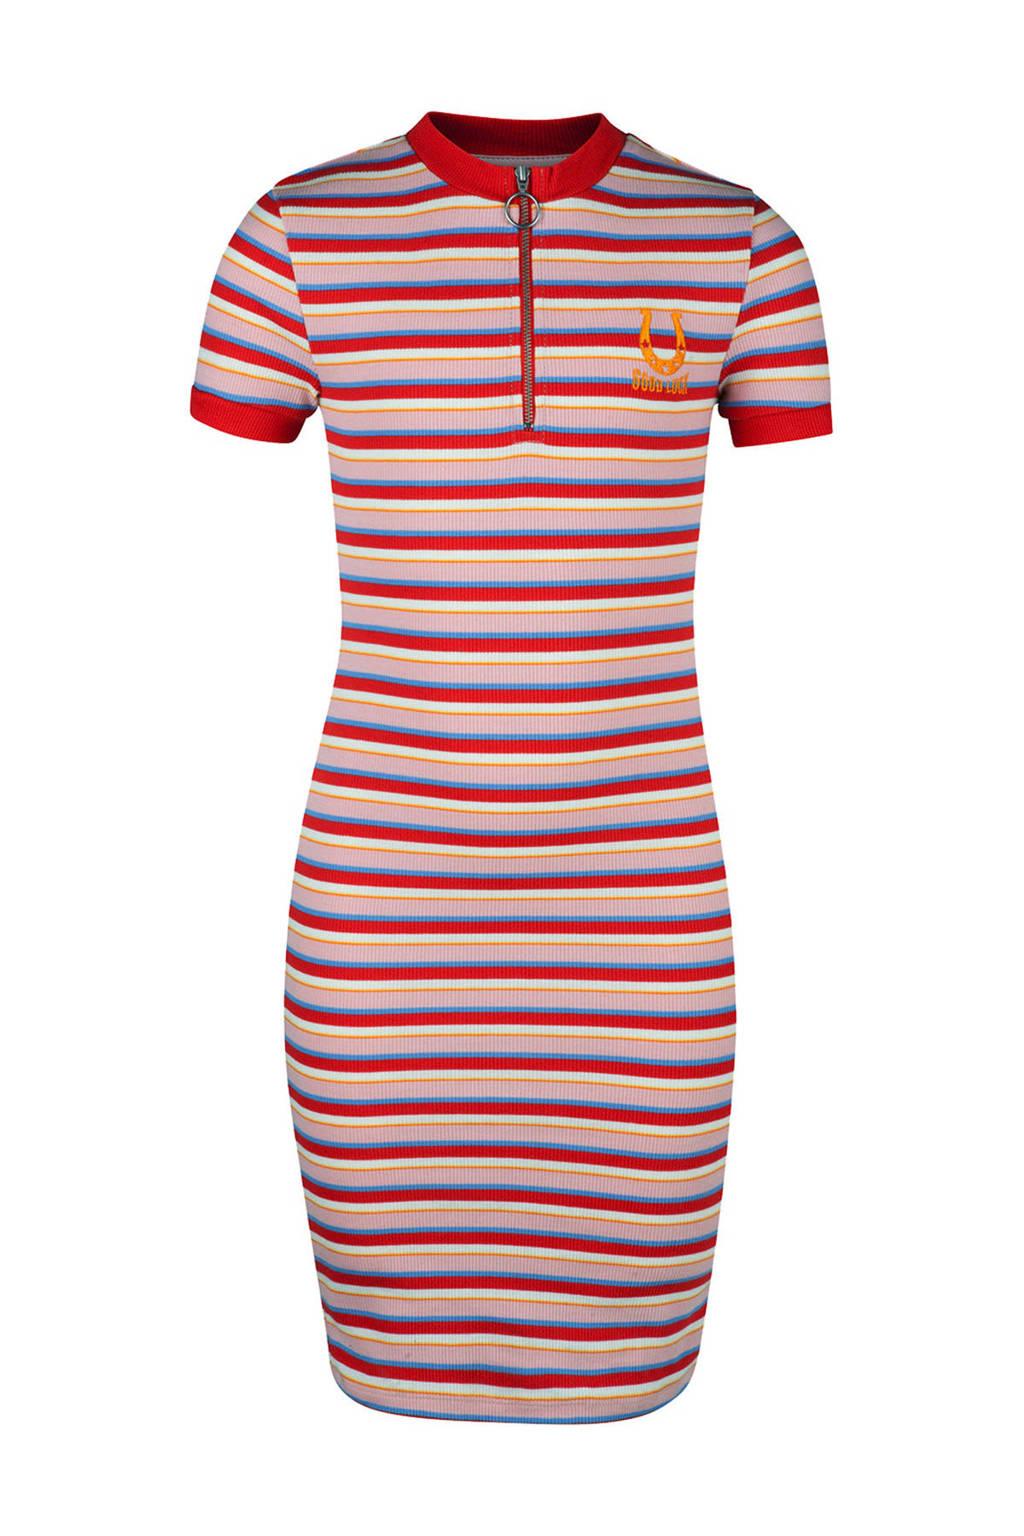 WE Fashion gestreepte jurk rood, Rood/roze